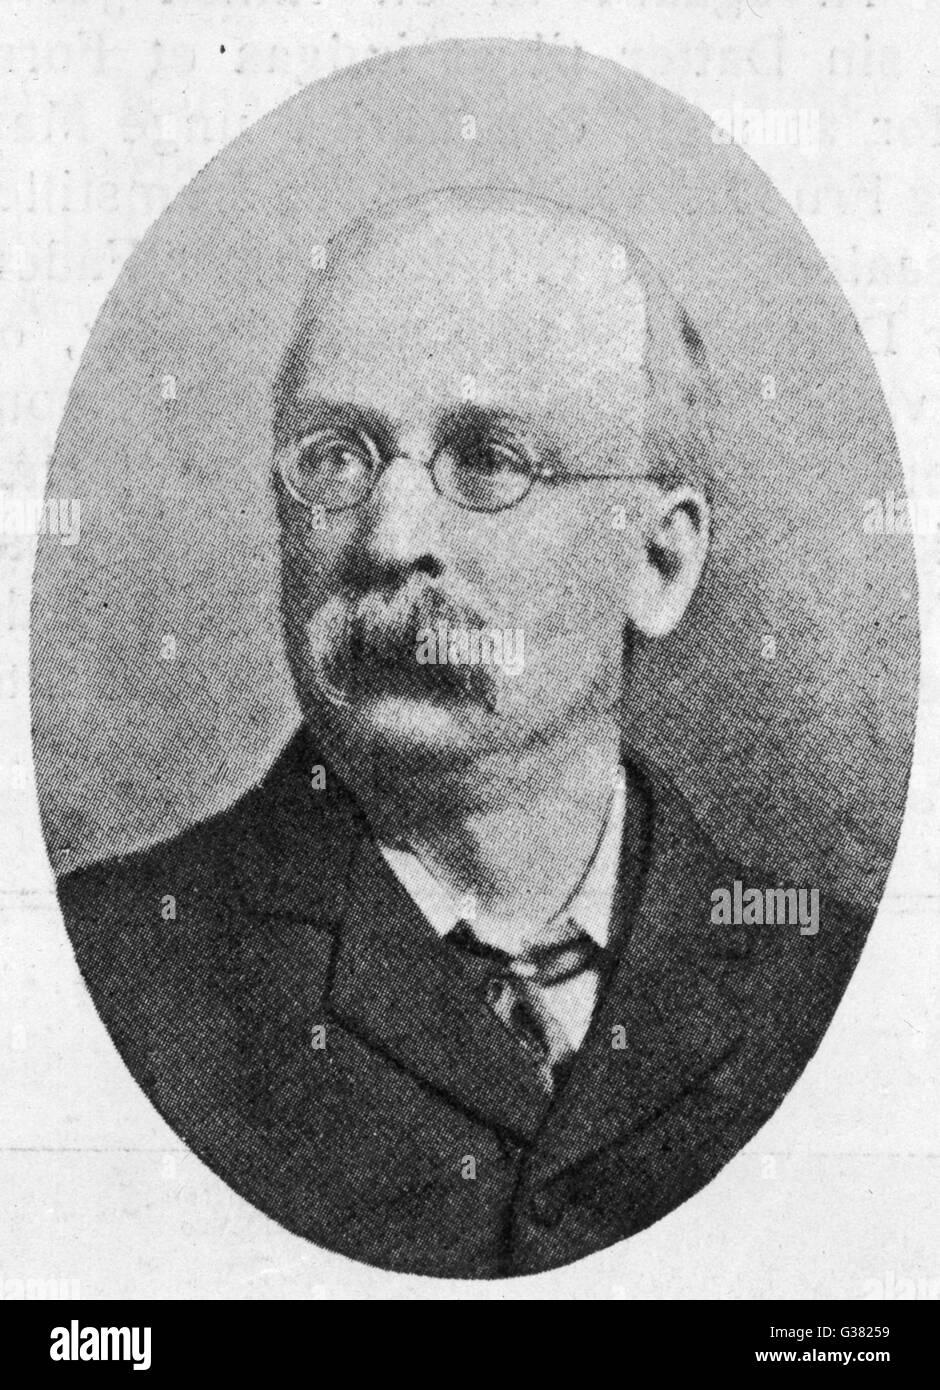 EBENEZER HOWARD riformatore e ideatore del concetto di città giardino data: 1850 - 1928 Foto Stock